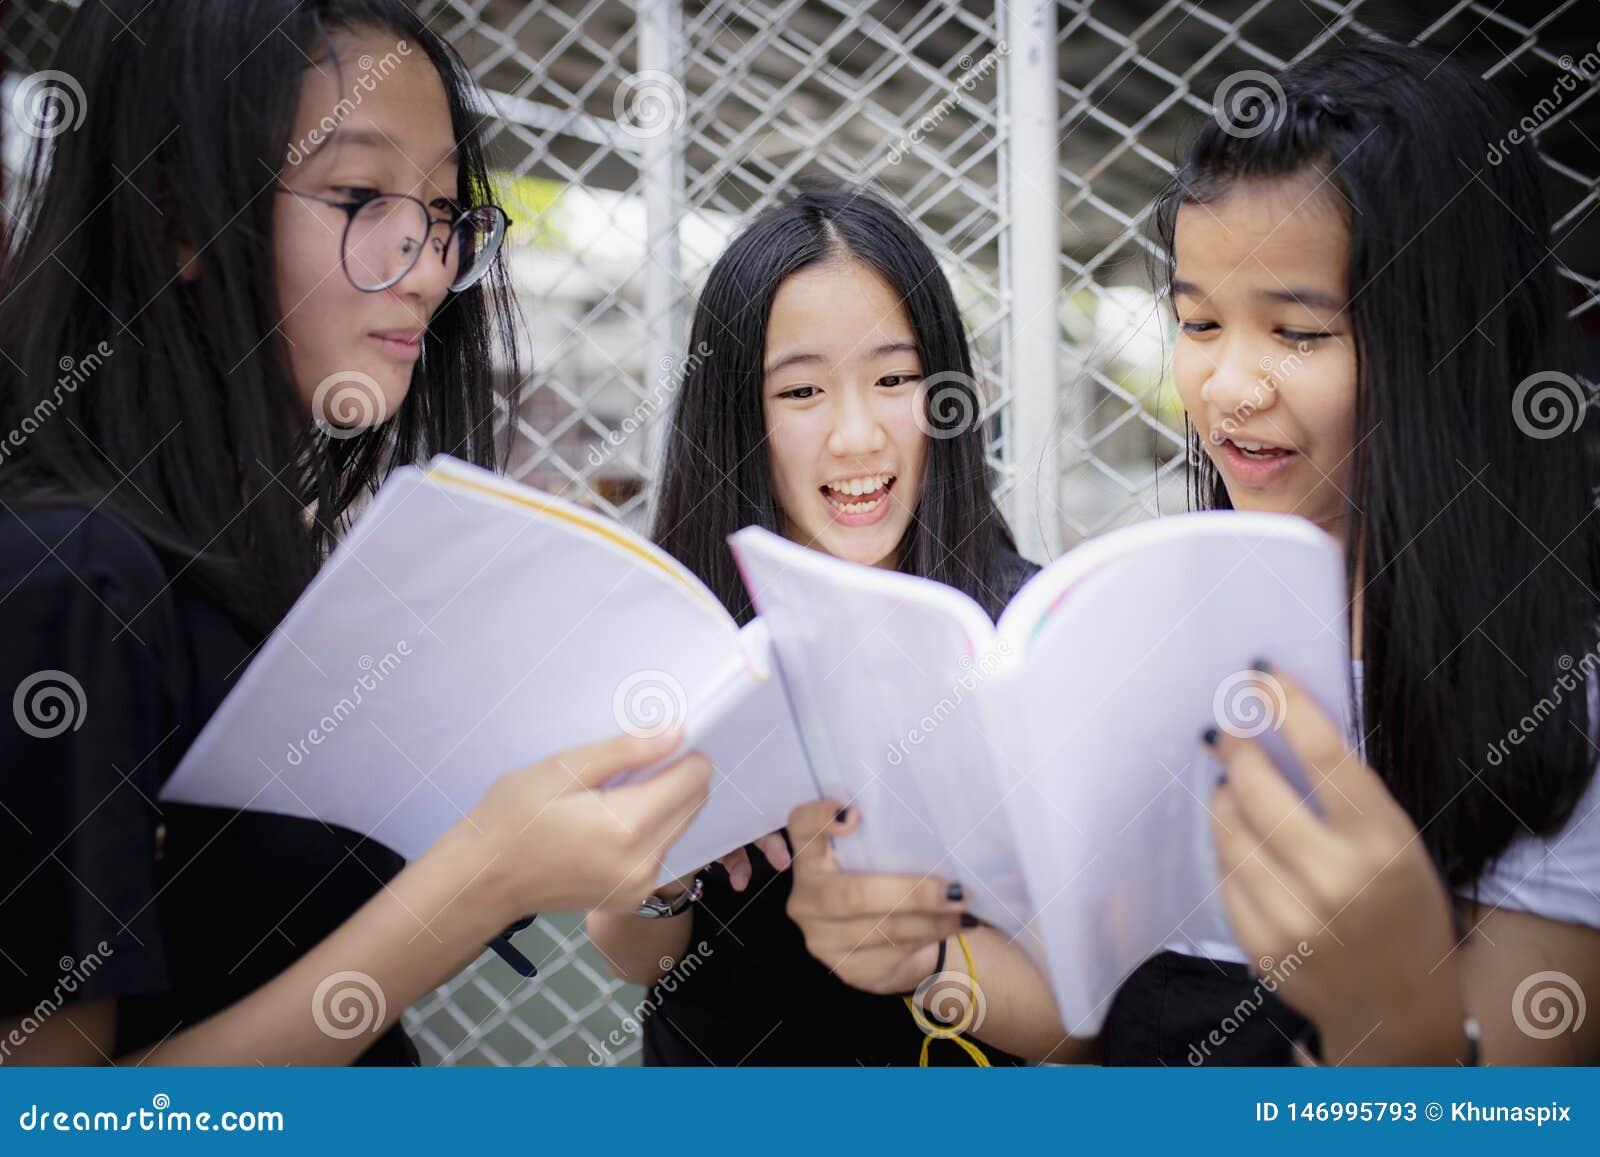 Ασιατικό σχολικό βιβλίο εκμετάλλευσης εφήβων και γέλιο με τη συγκίνηση ευτυχίας που στέκεται υπαίθρια